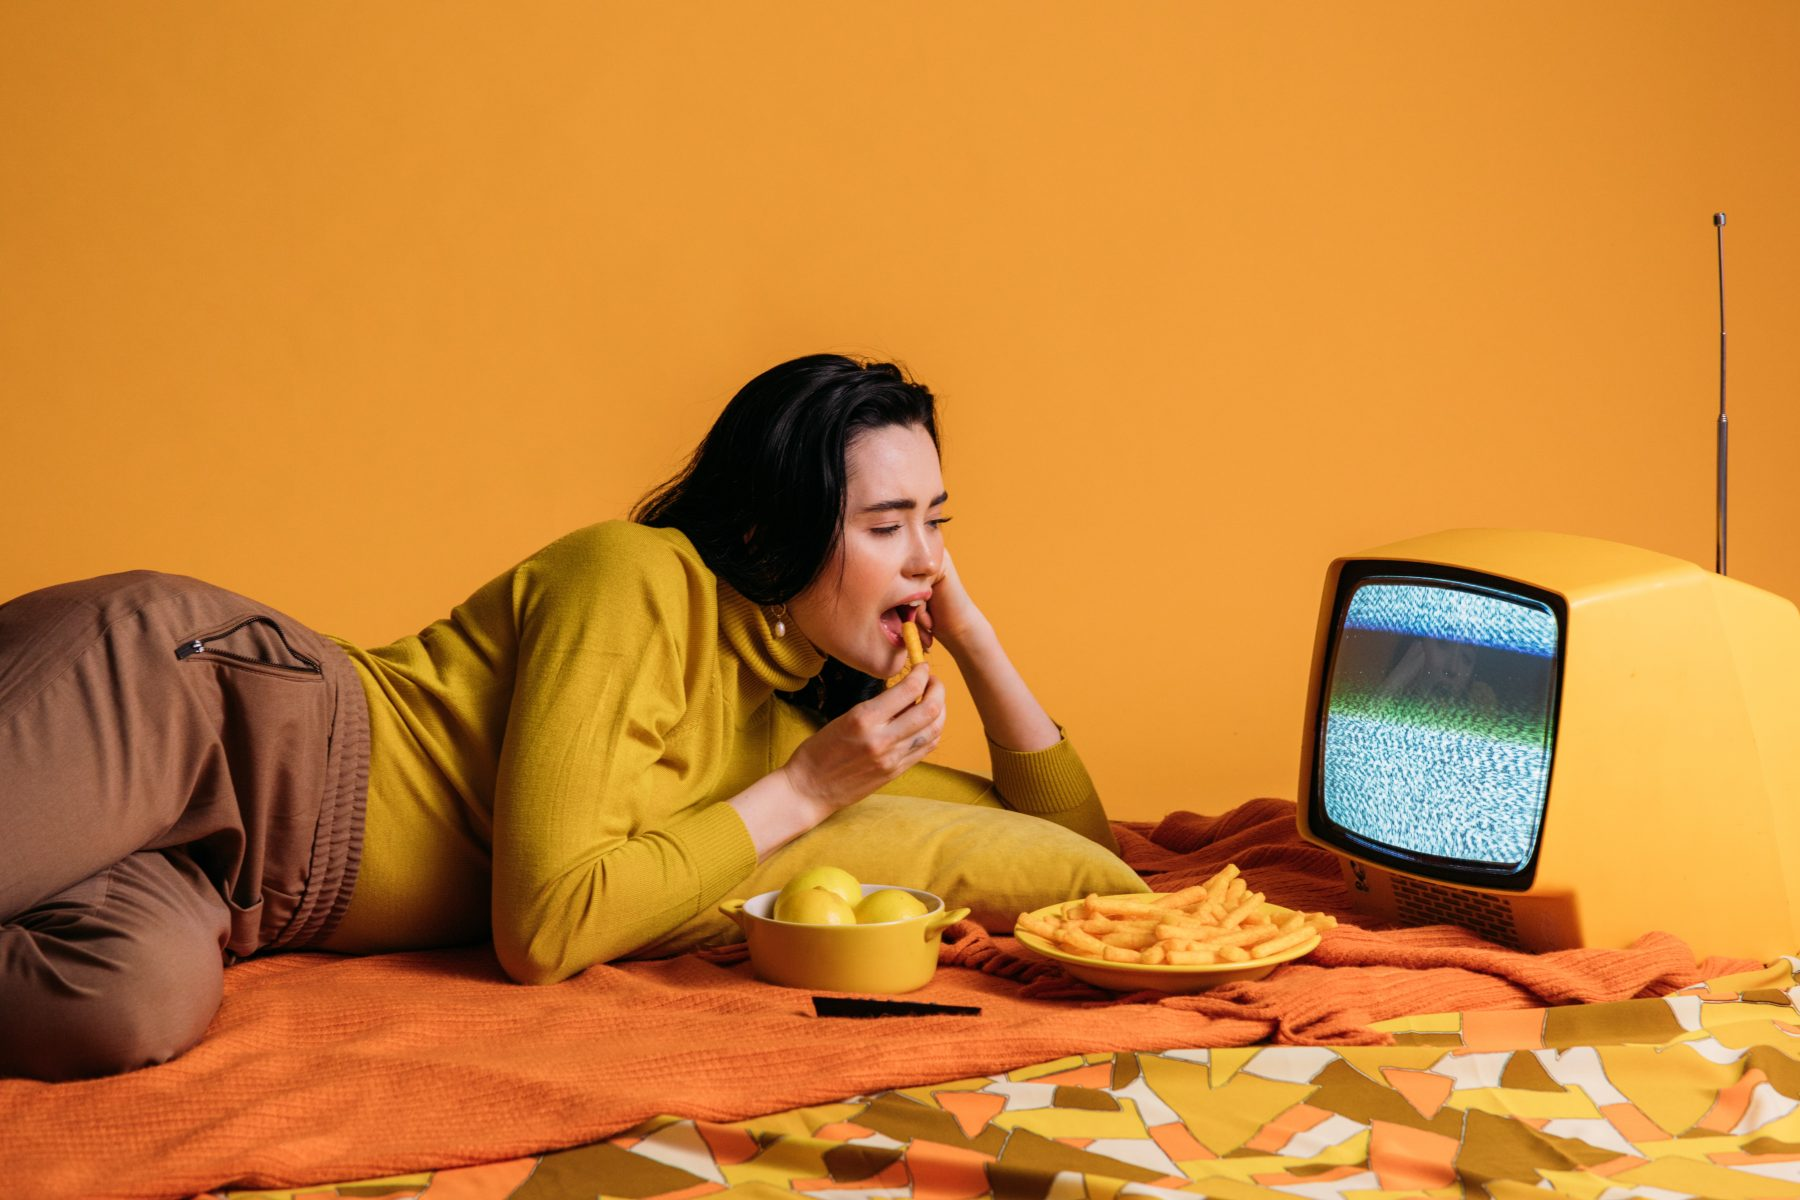 Frau isst, während sie auf einen Fernseher starrt.